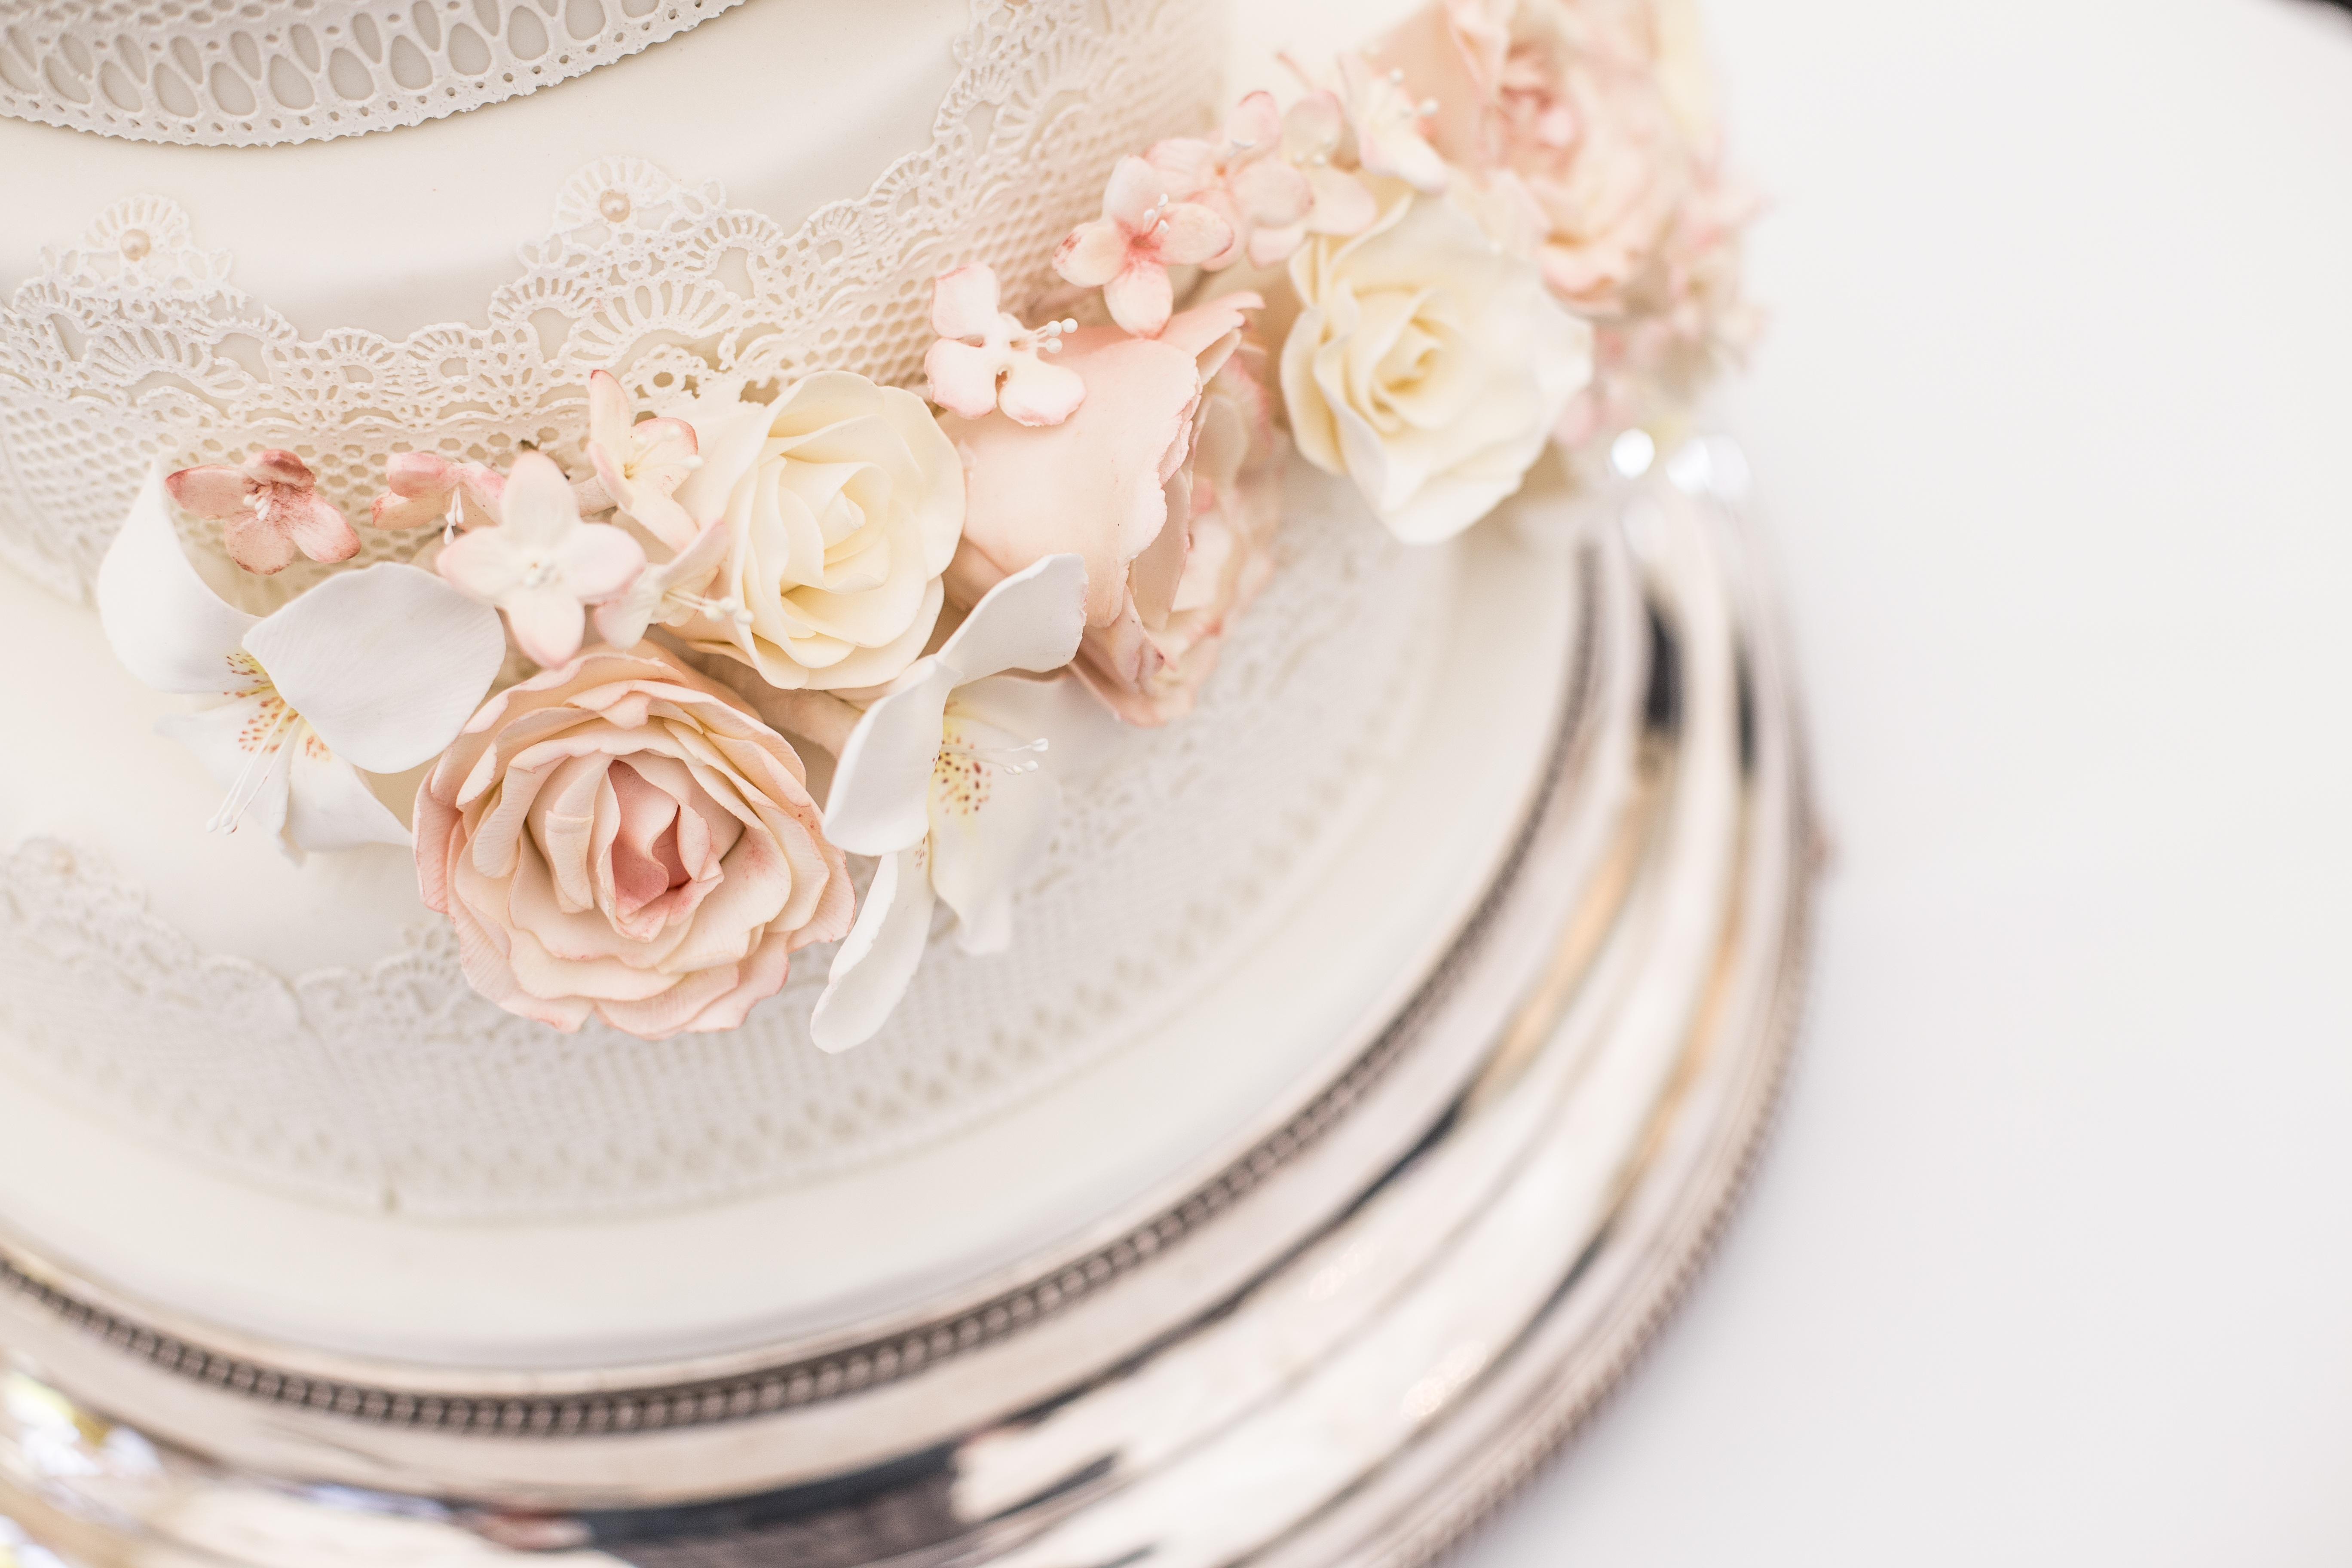 Cake wedding cake luxury